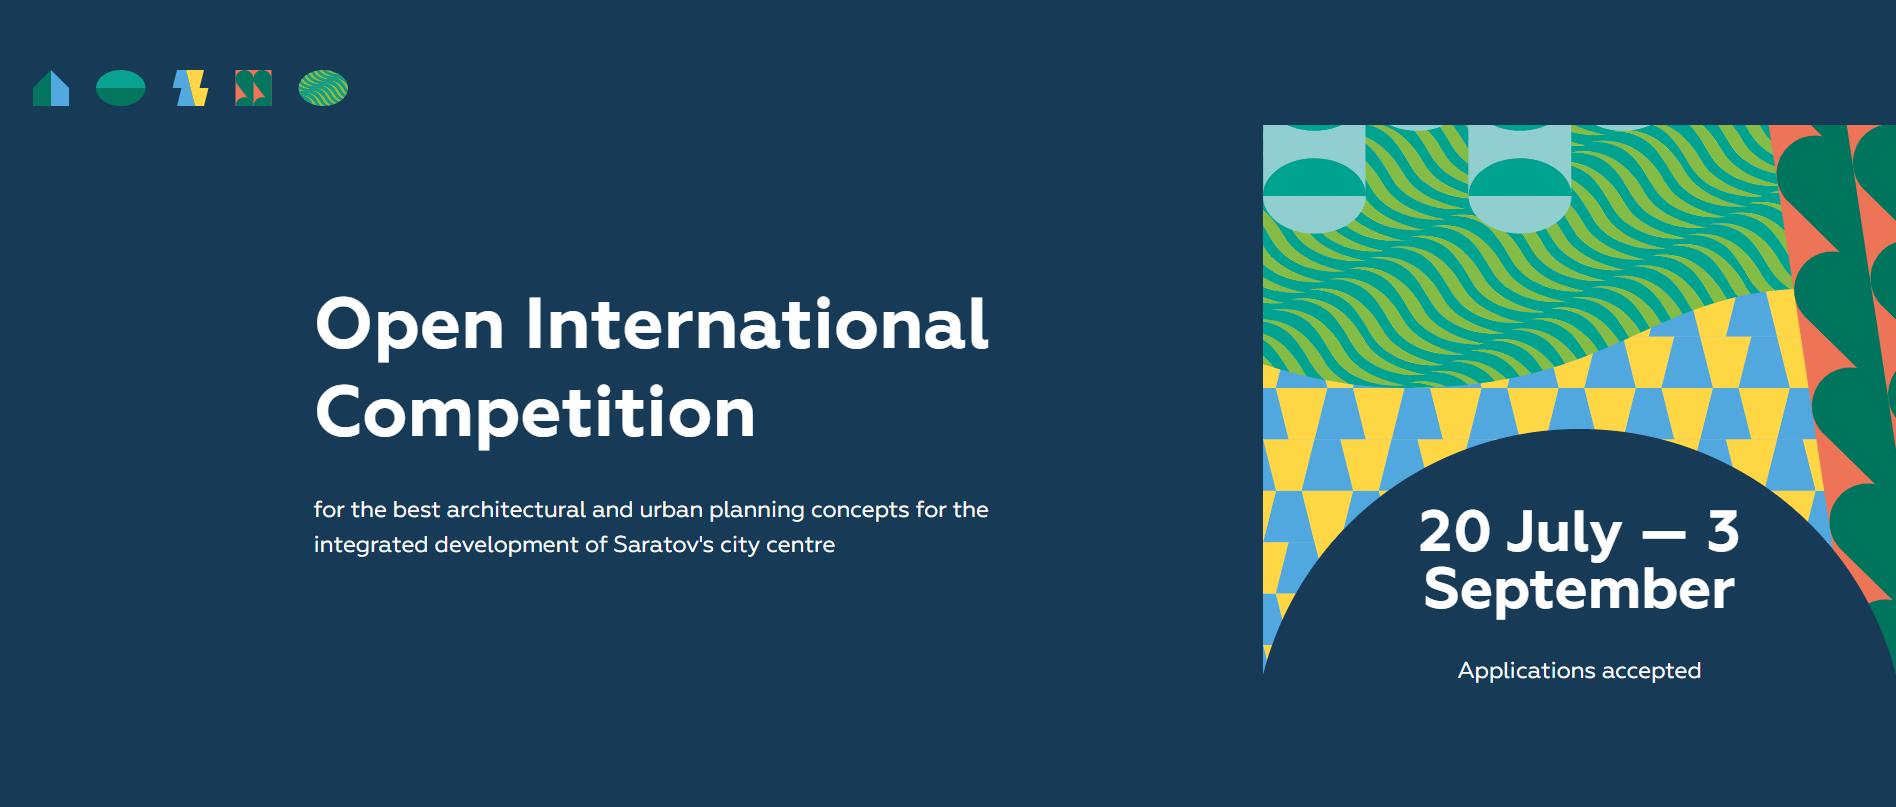 萨拉托夫市中心综合开发建筑和城市规划概念国际公开竞赛